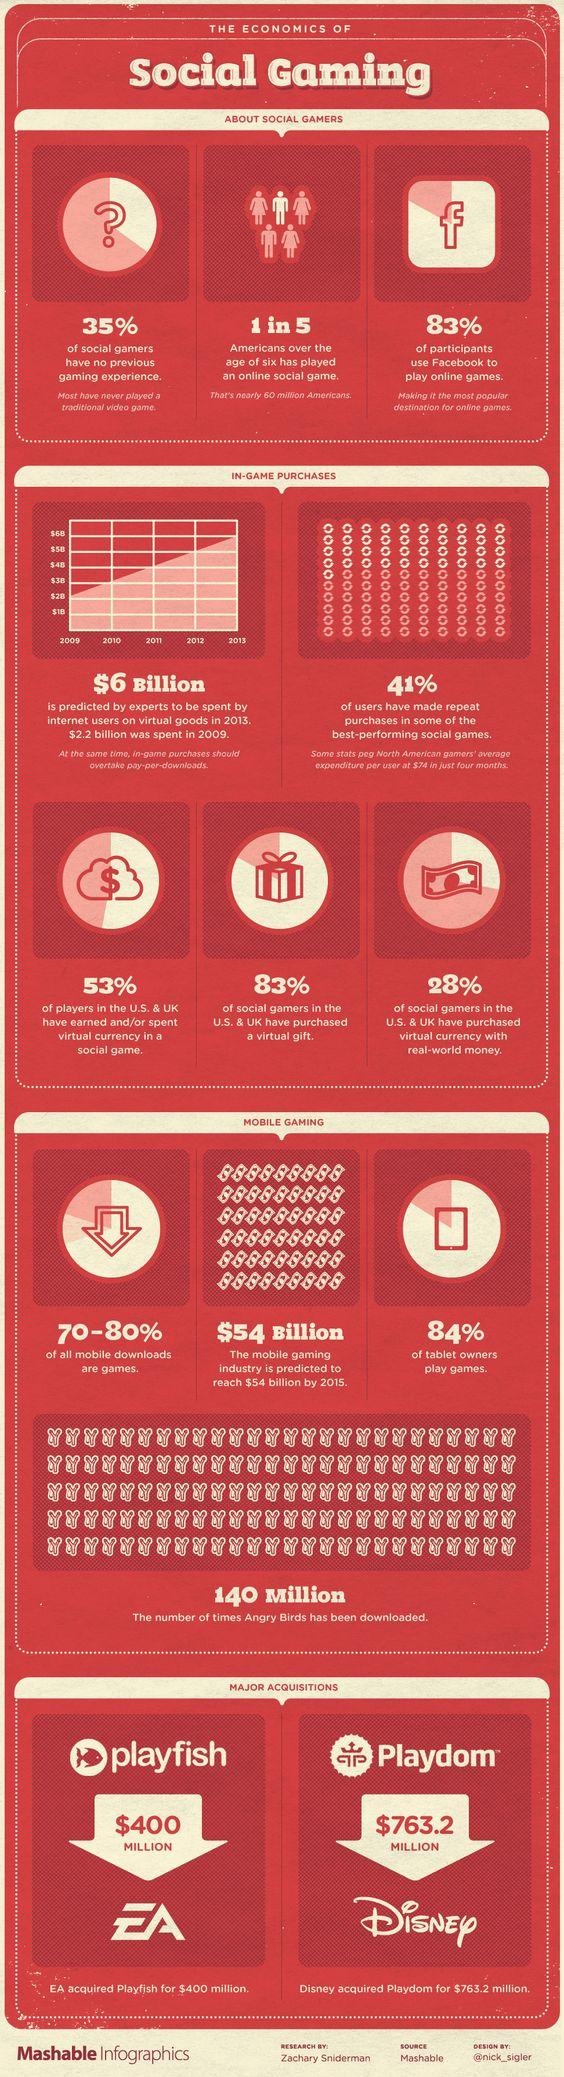 Statistics on Social Gaming Market; target spending in 2013 will be 6 Billions USD